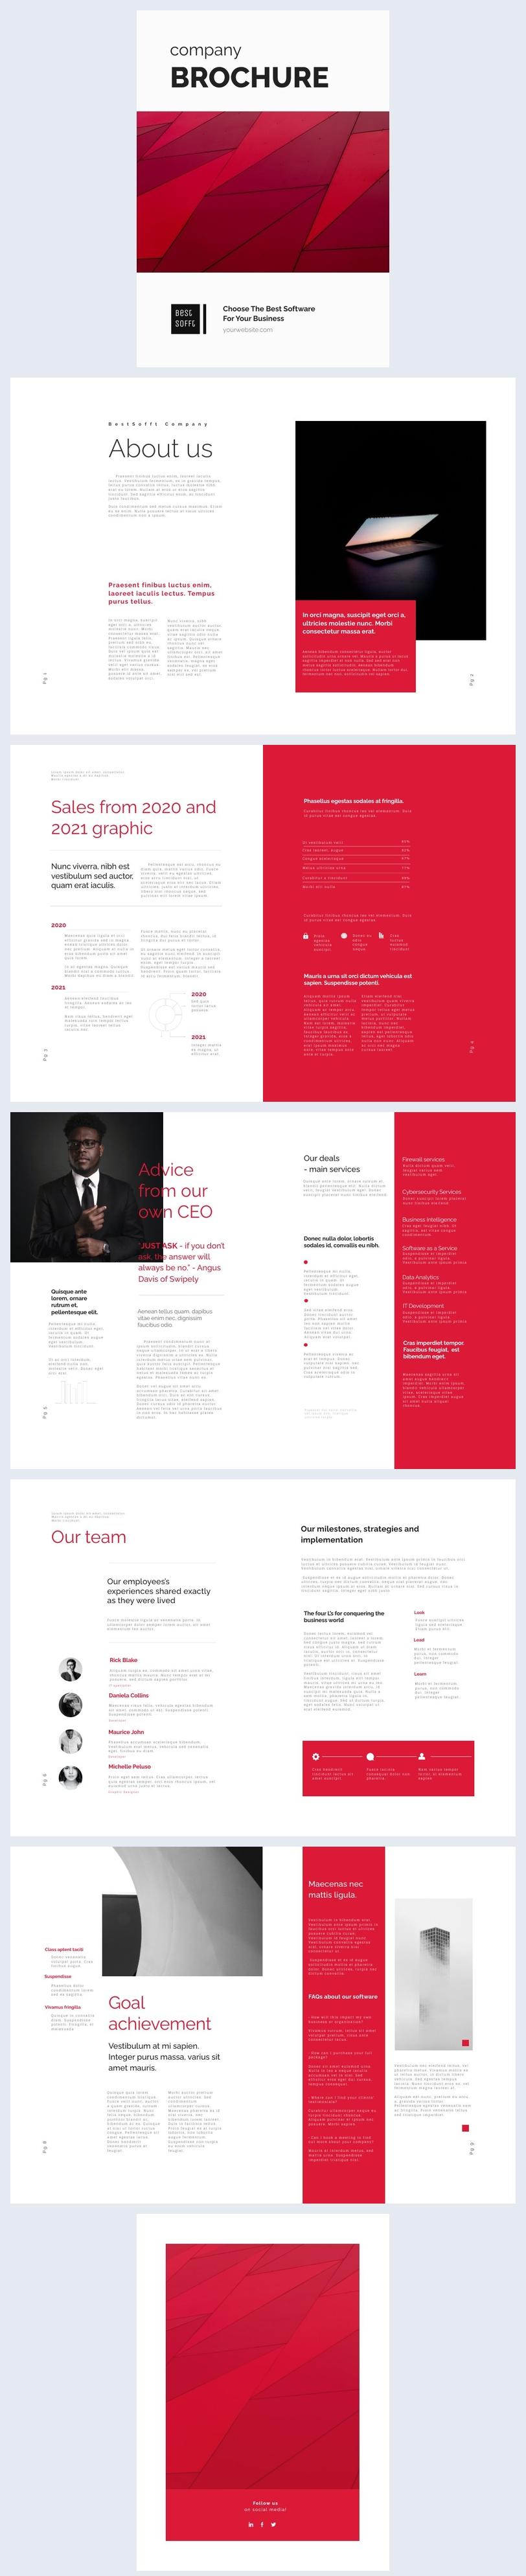 Digitales Unternehmens-Broschüren-Beispiel-Design